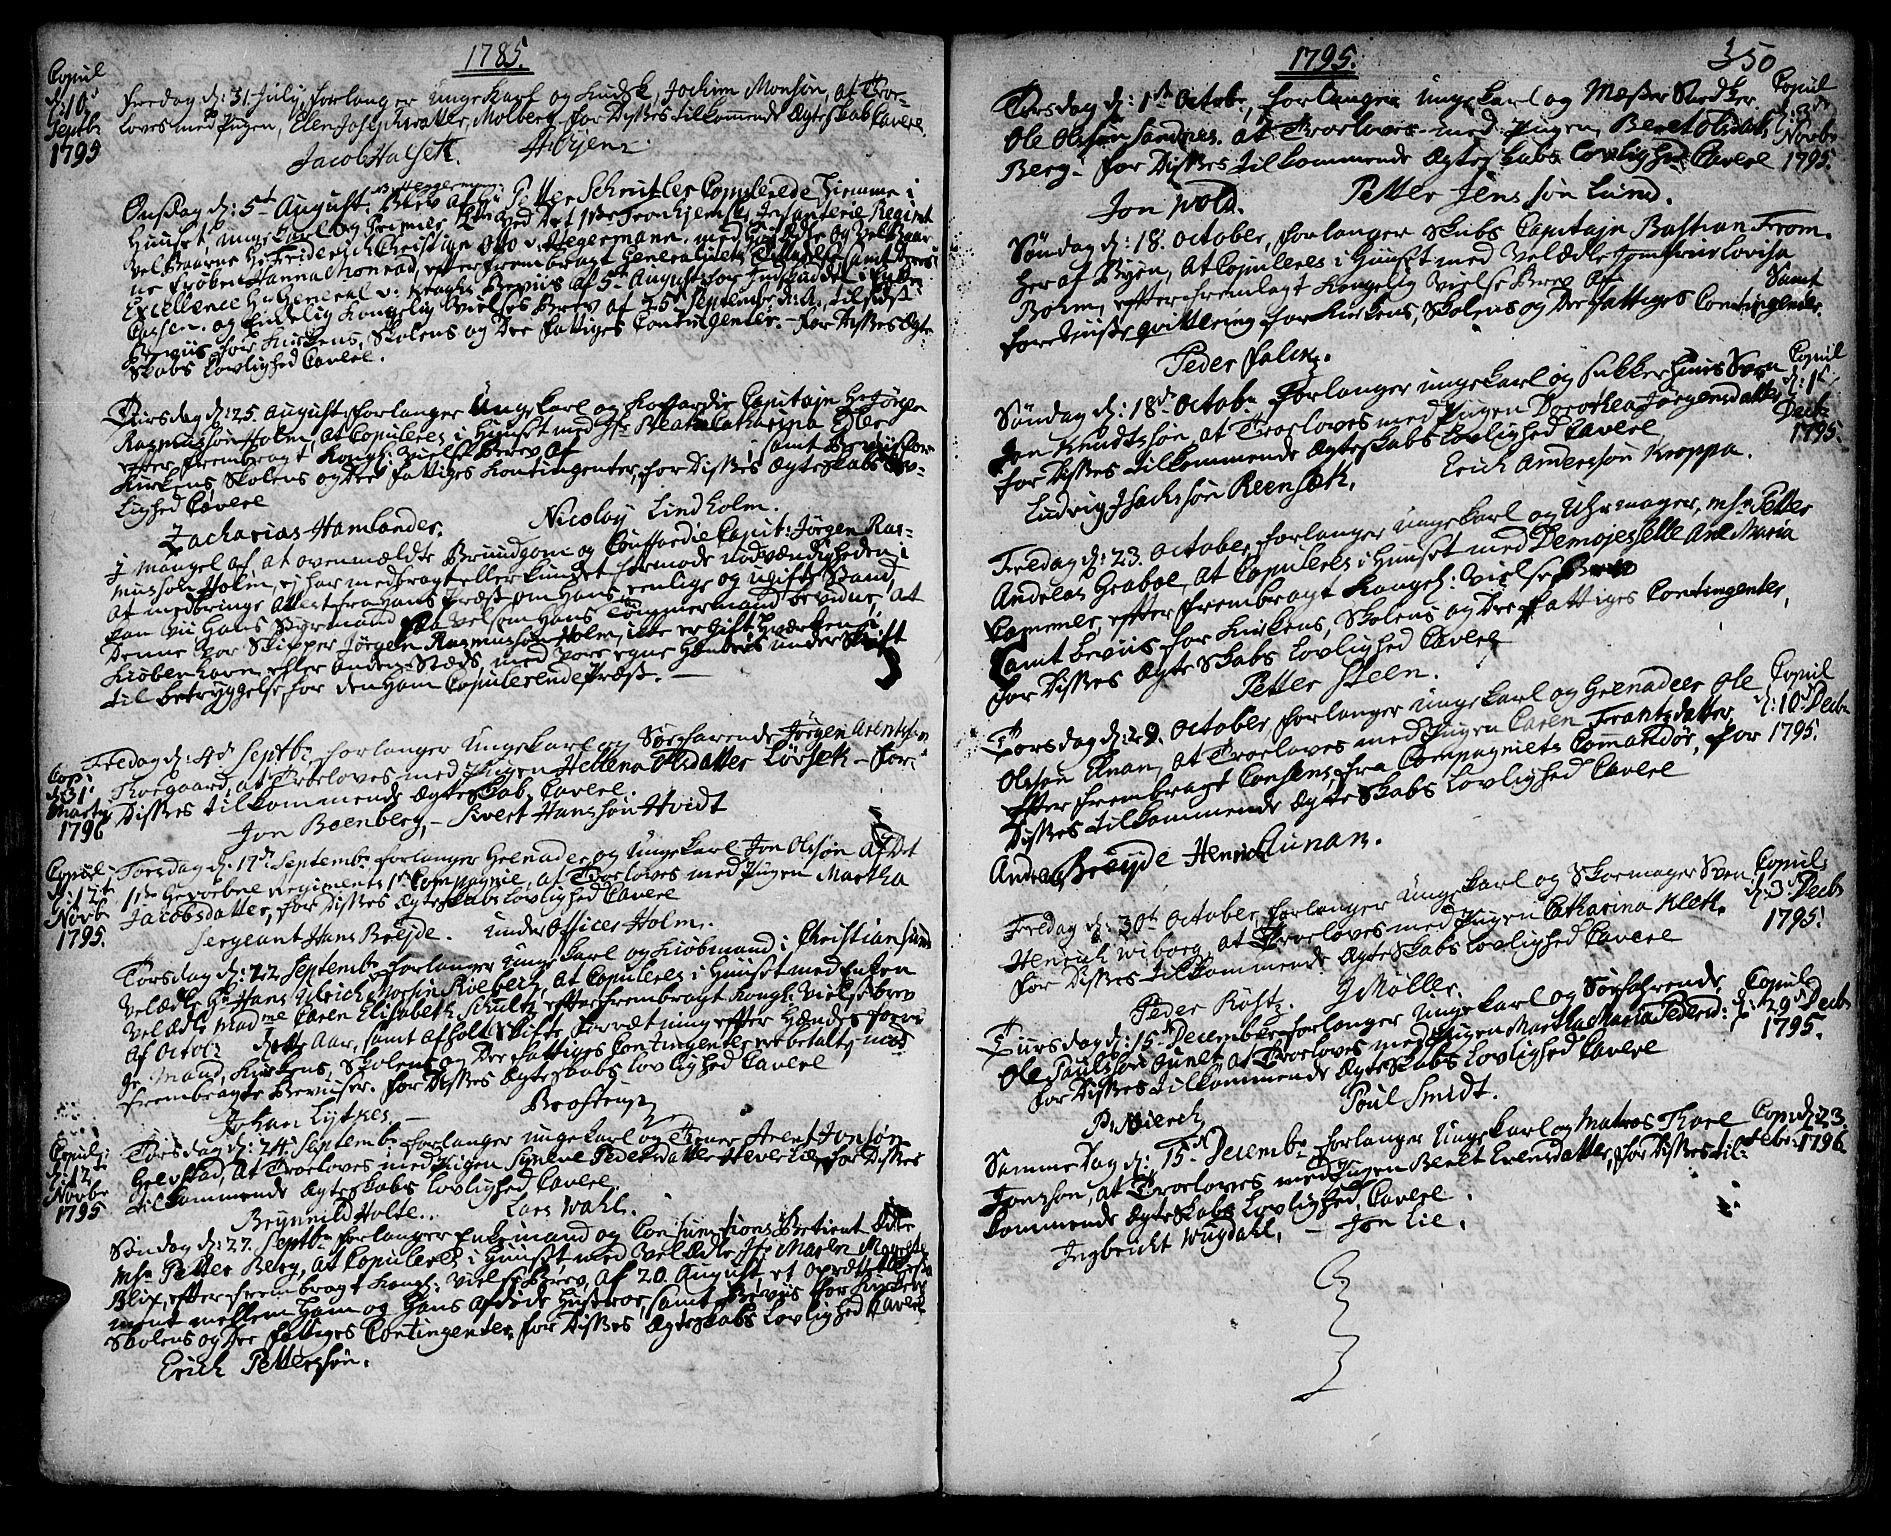 SAT, Ministerialprotokoller, klokkerbøker og fødselsregistre - Sør-Trøndelag, 601/L0038: Ministerialbok nr. 601A06, 1766-1877, s. 350